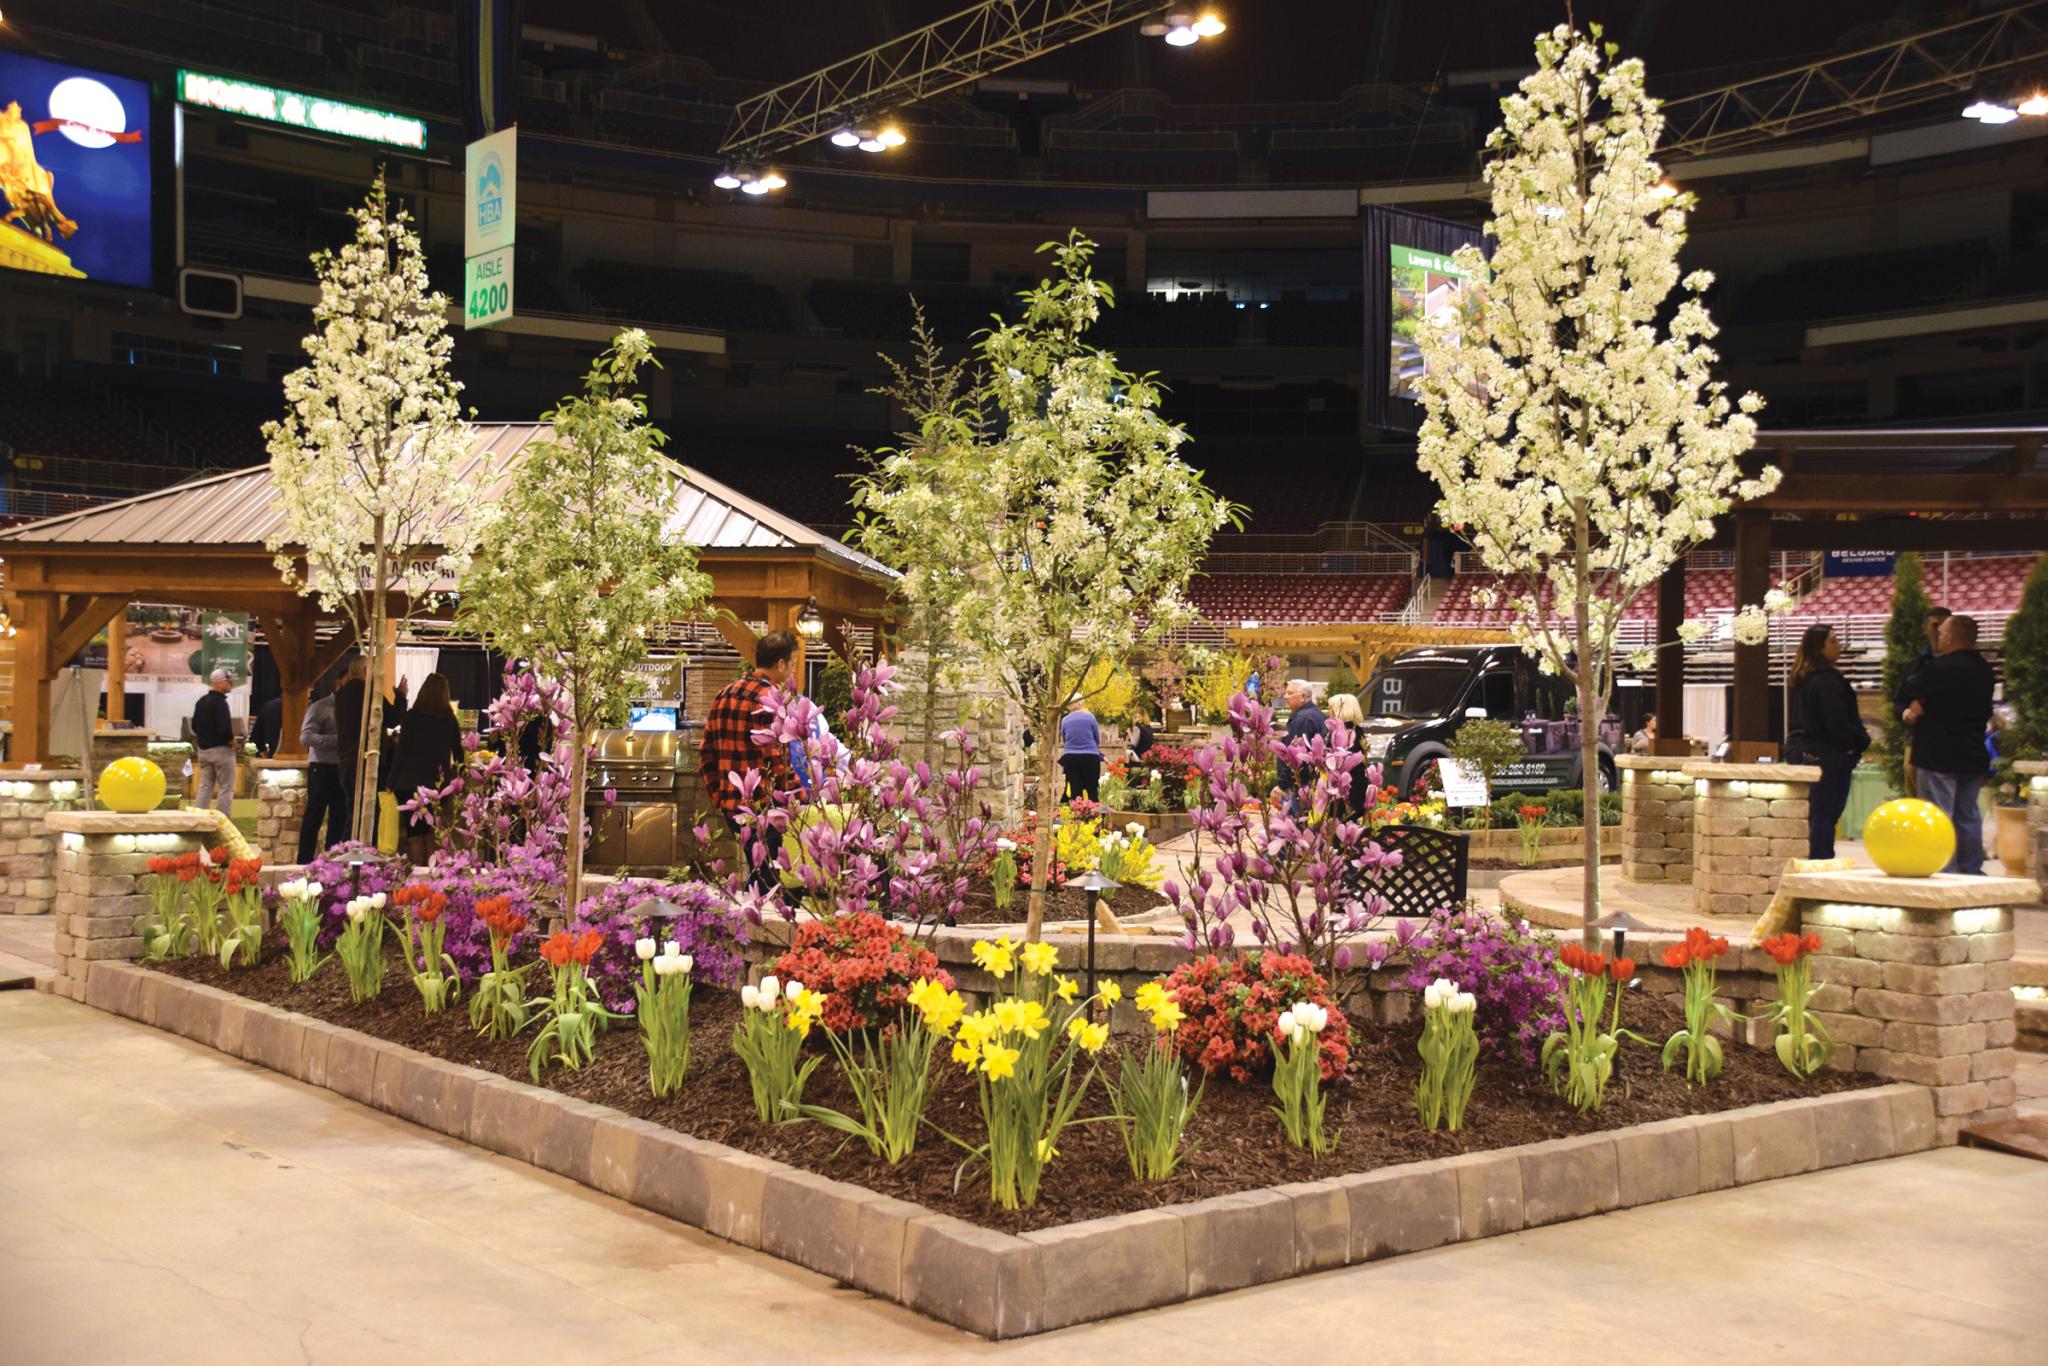 Home & Garden Show returns to St. Louis - The Edwardsville Intelligencer